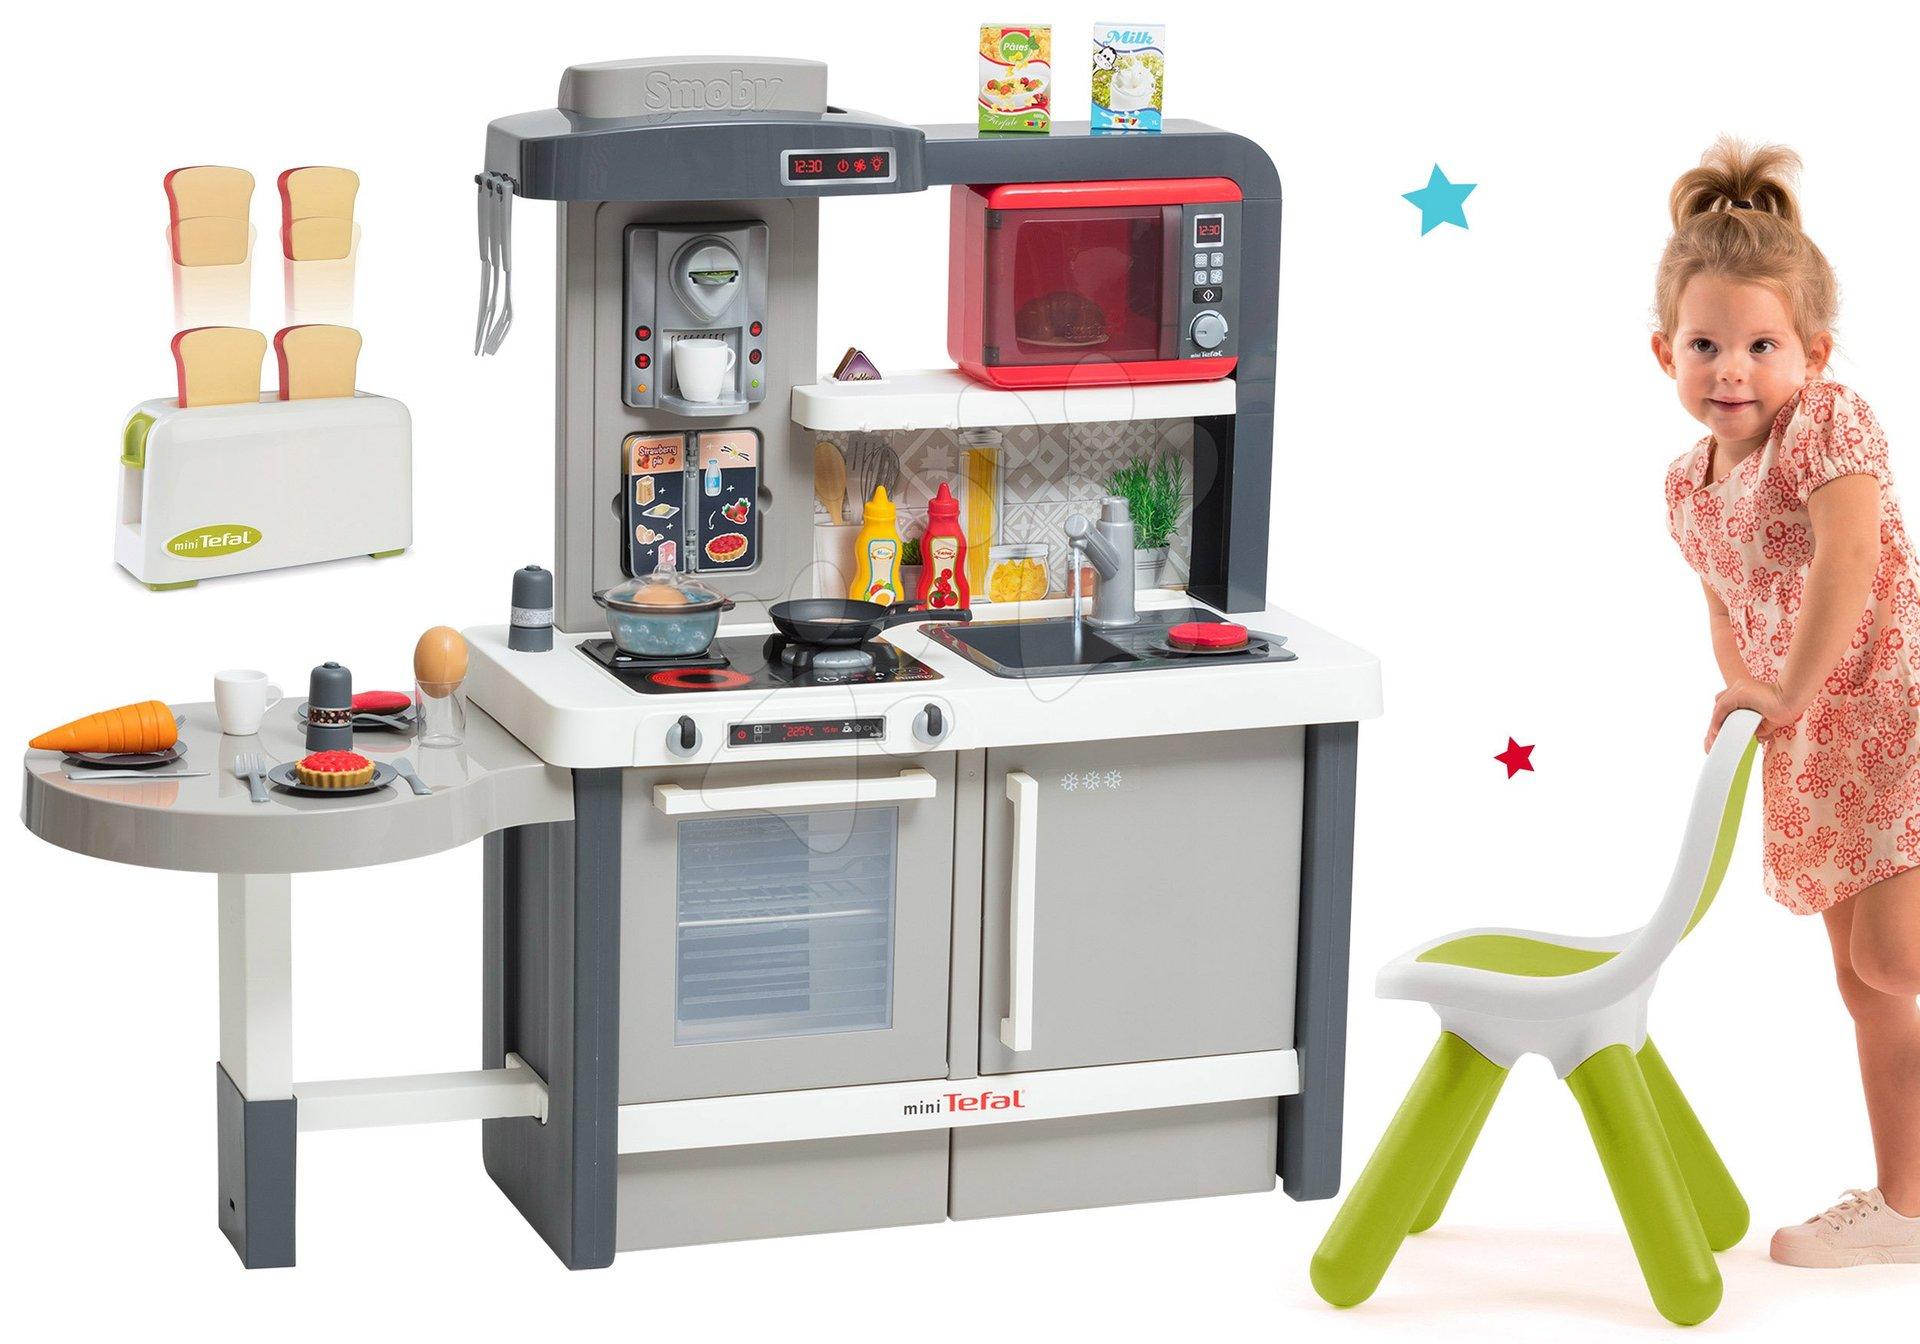 Set kuchynka rastúca s tečúcou vodou Tefal Evolutive Smoby a mikrovlnka Tefal s hriankovačom a stoličkou KidChair